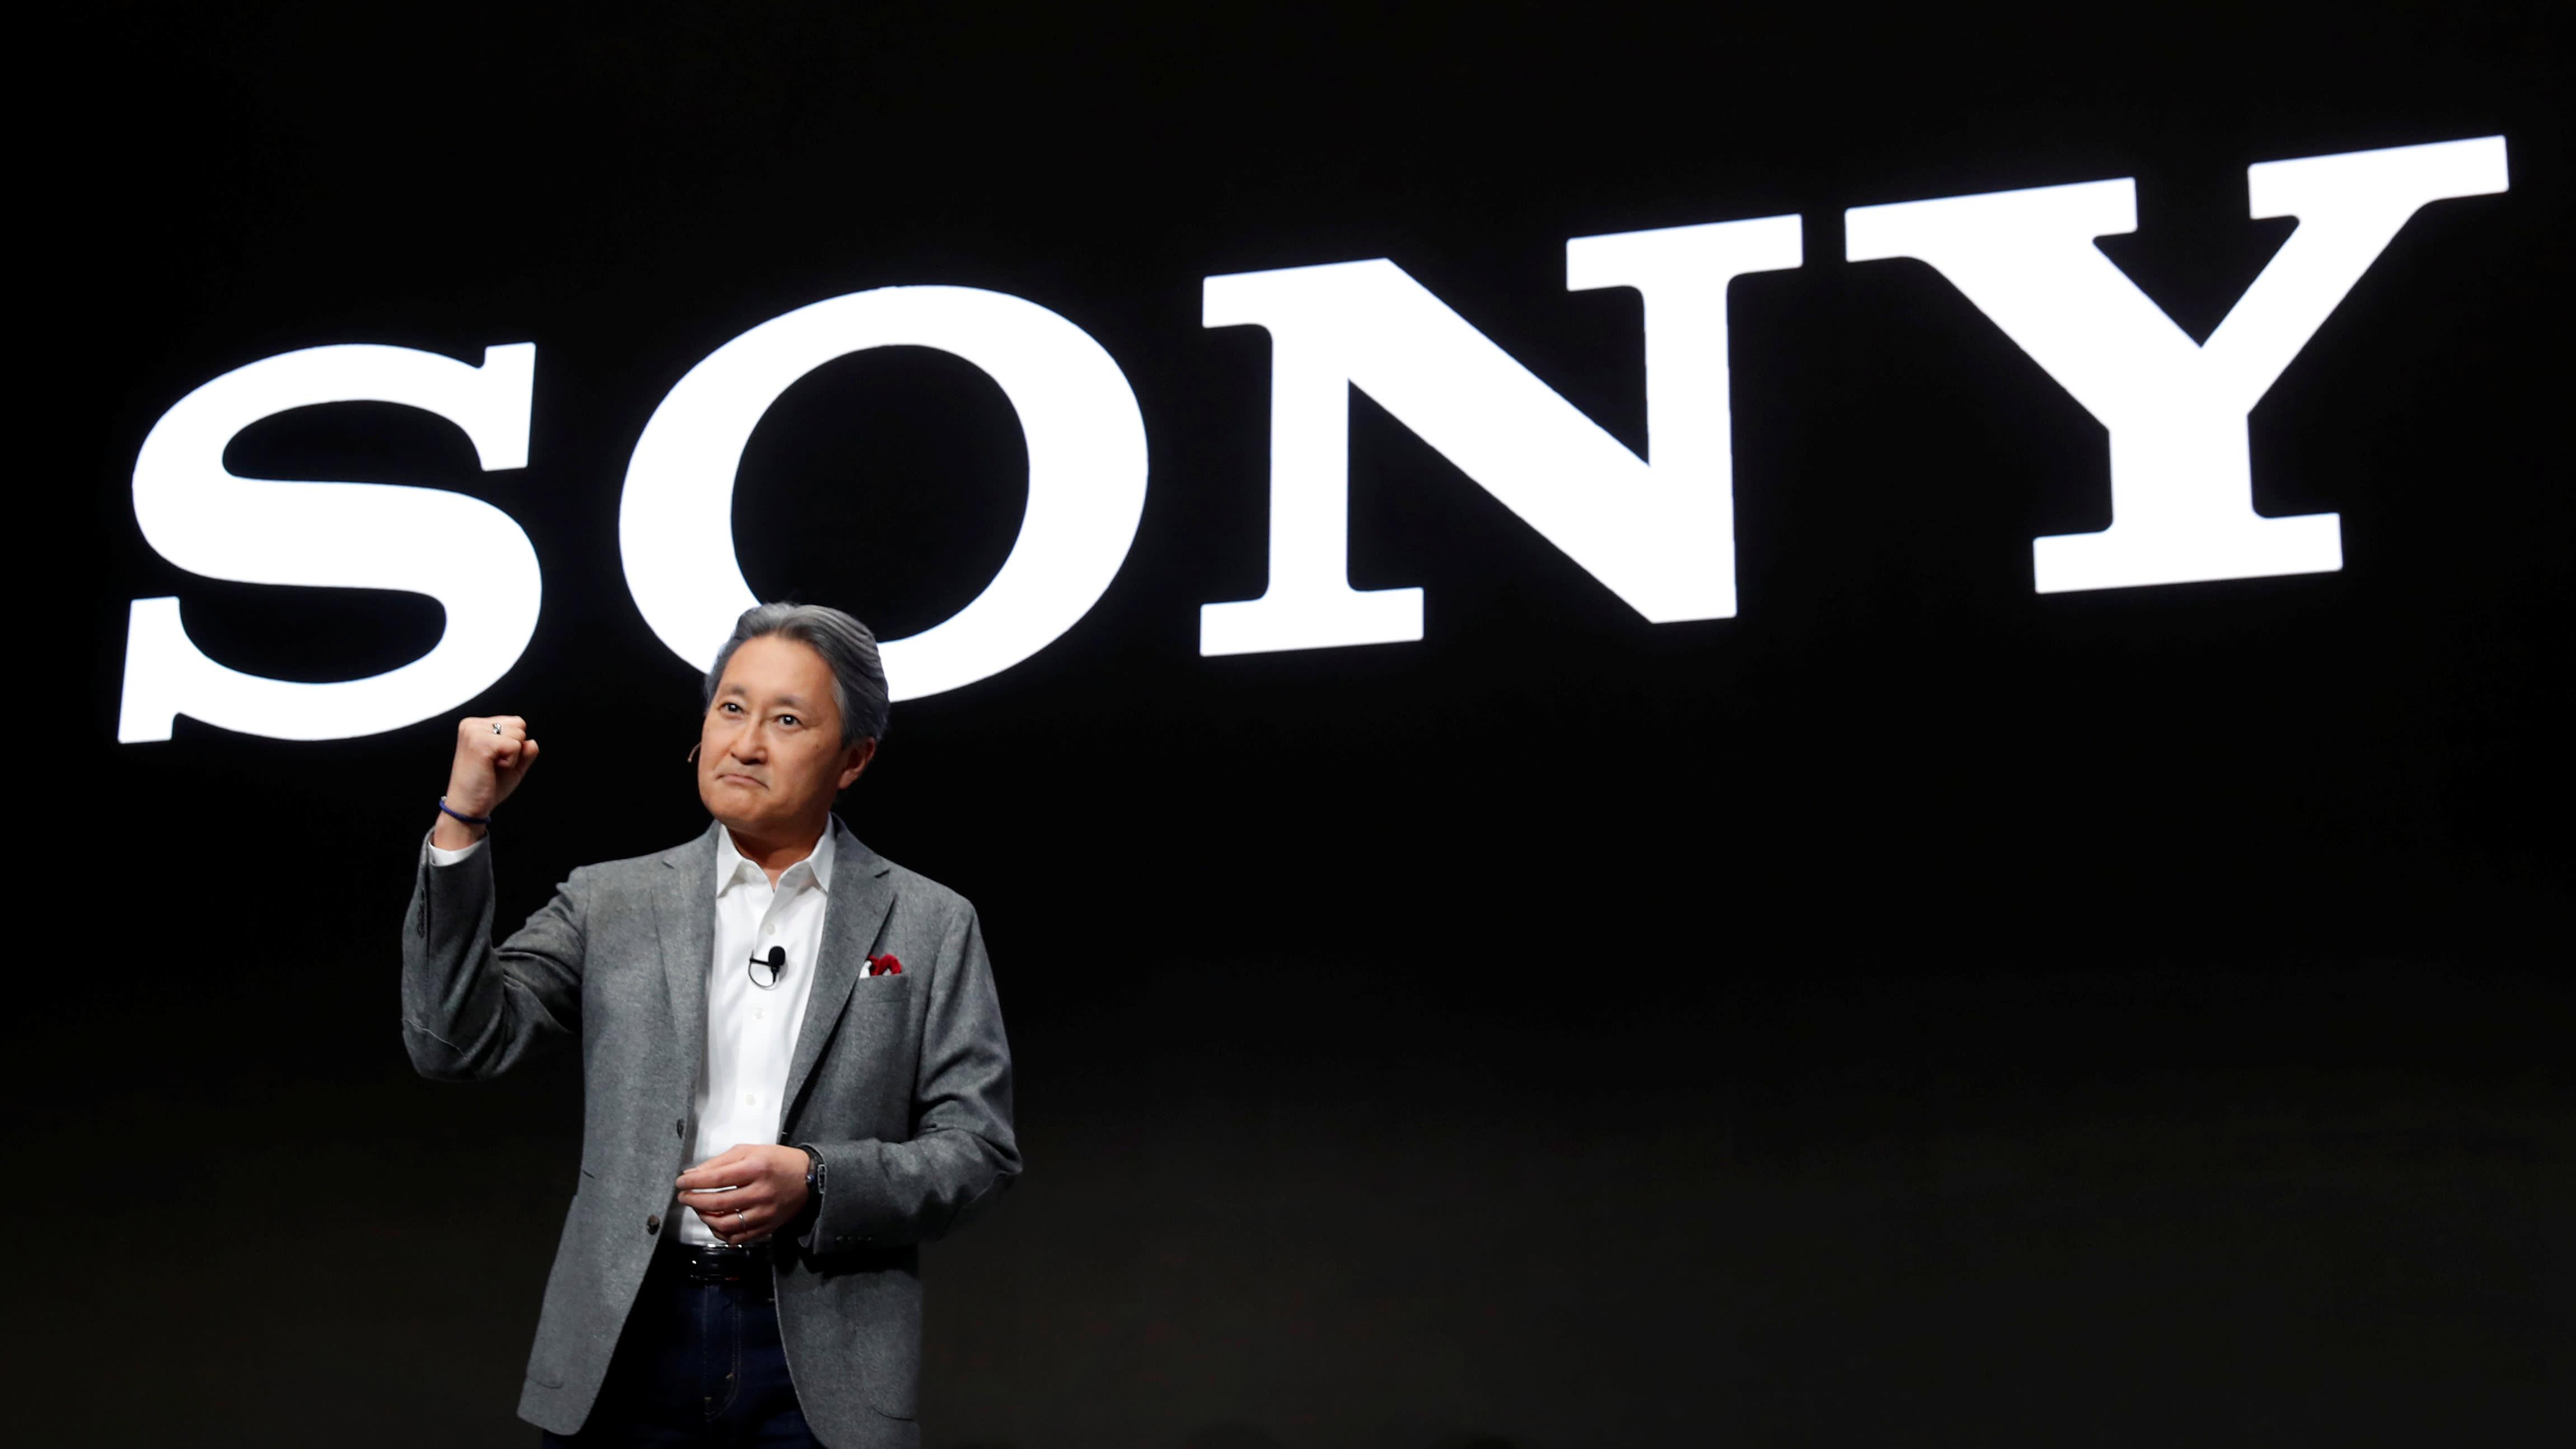 Chystá se Sony Xperia s trojicí fotoaparátů